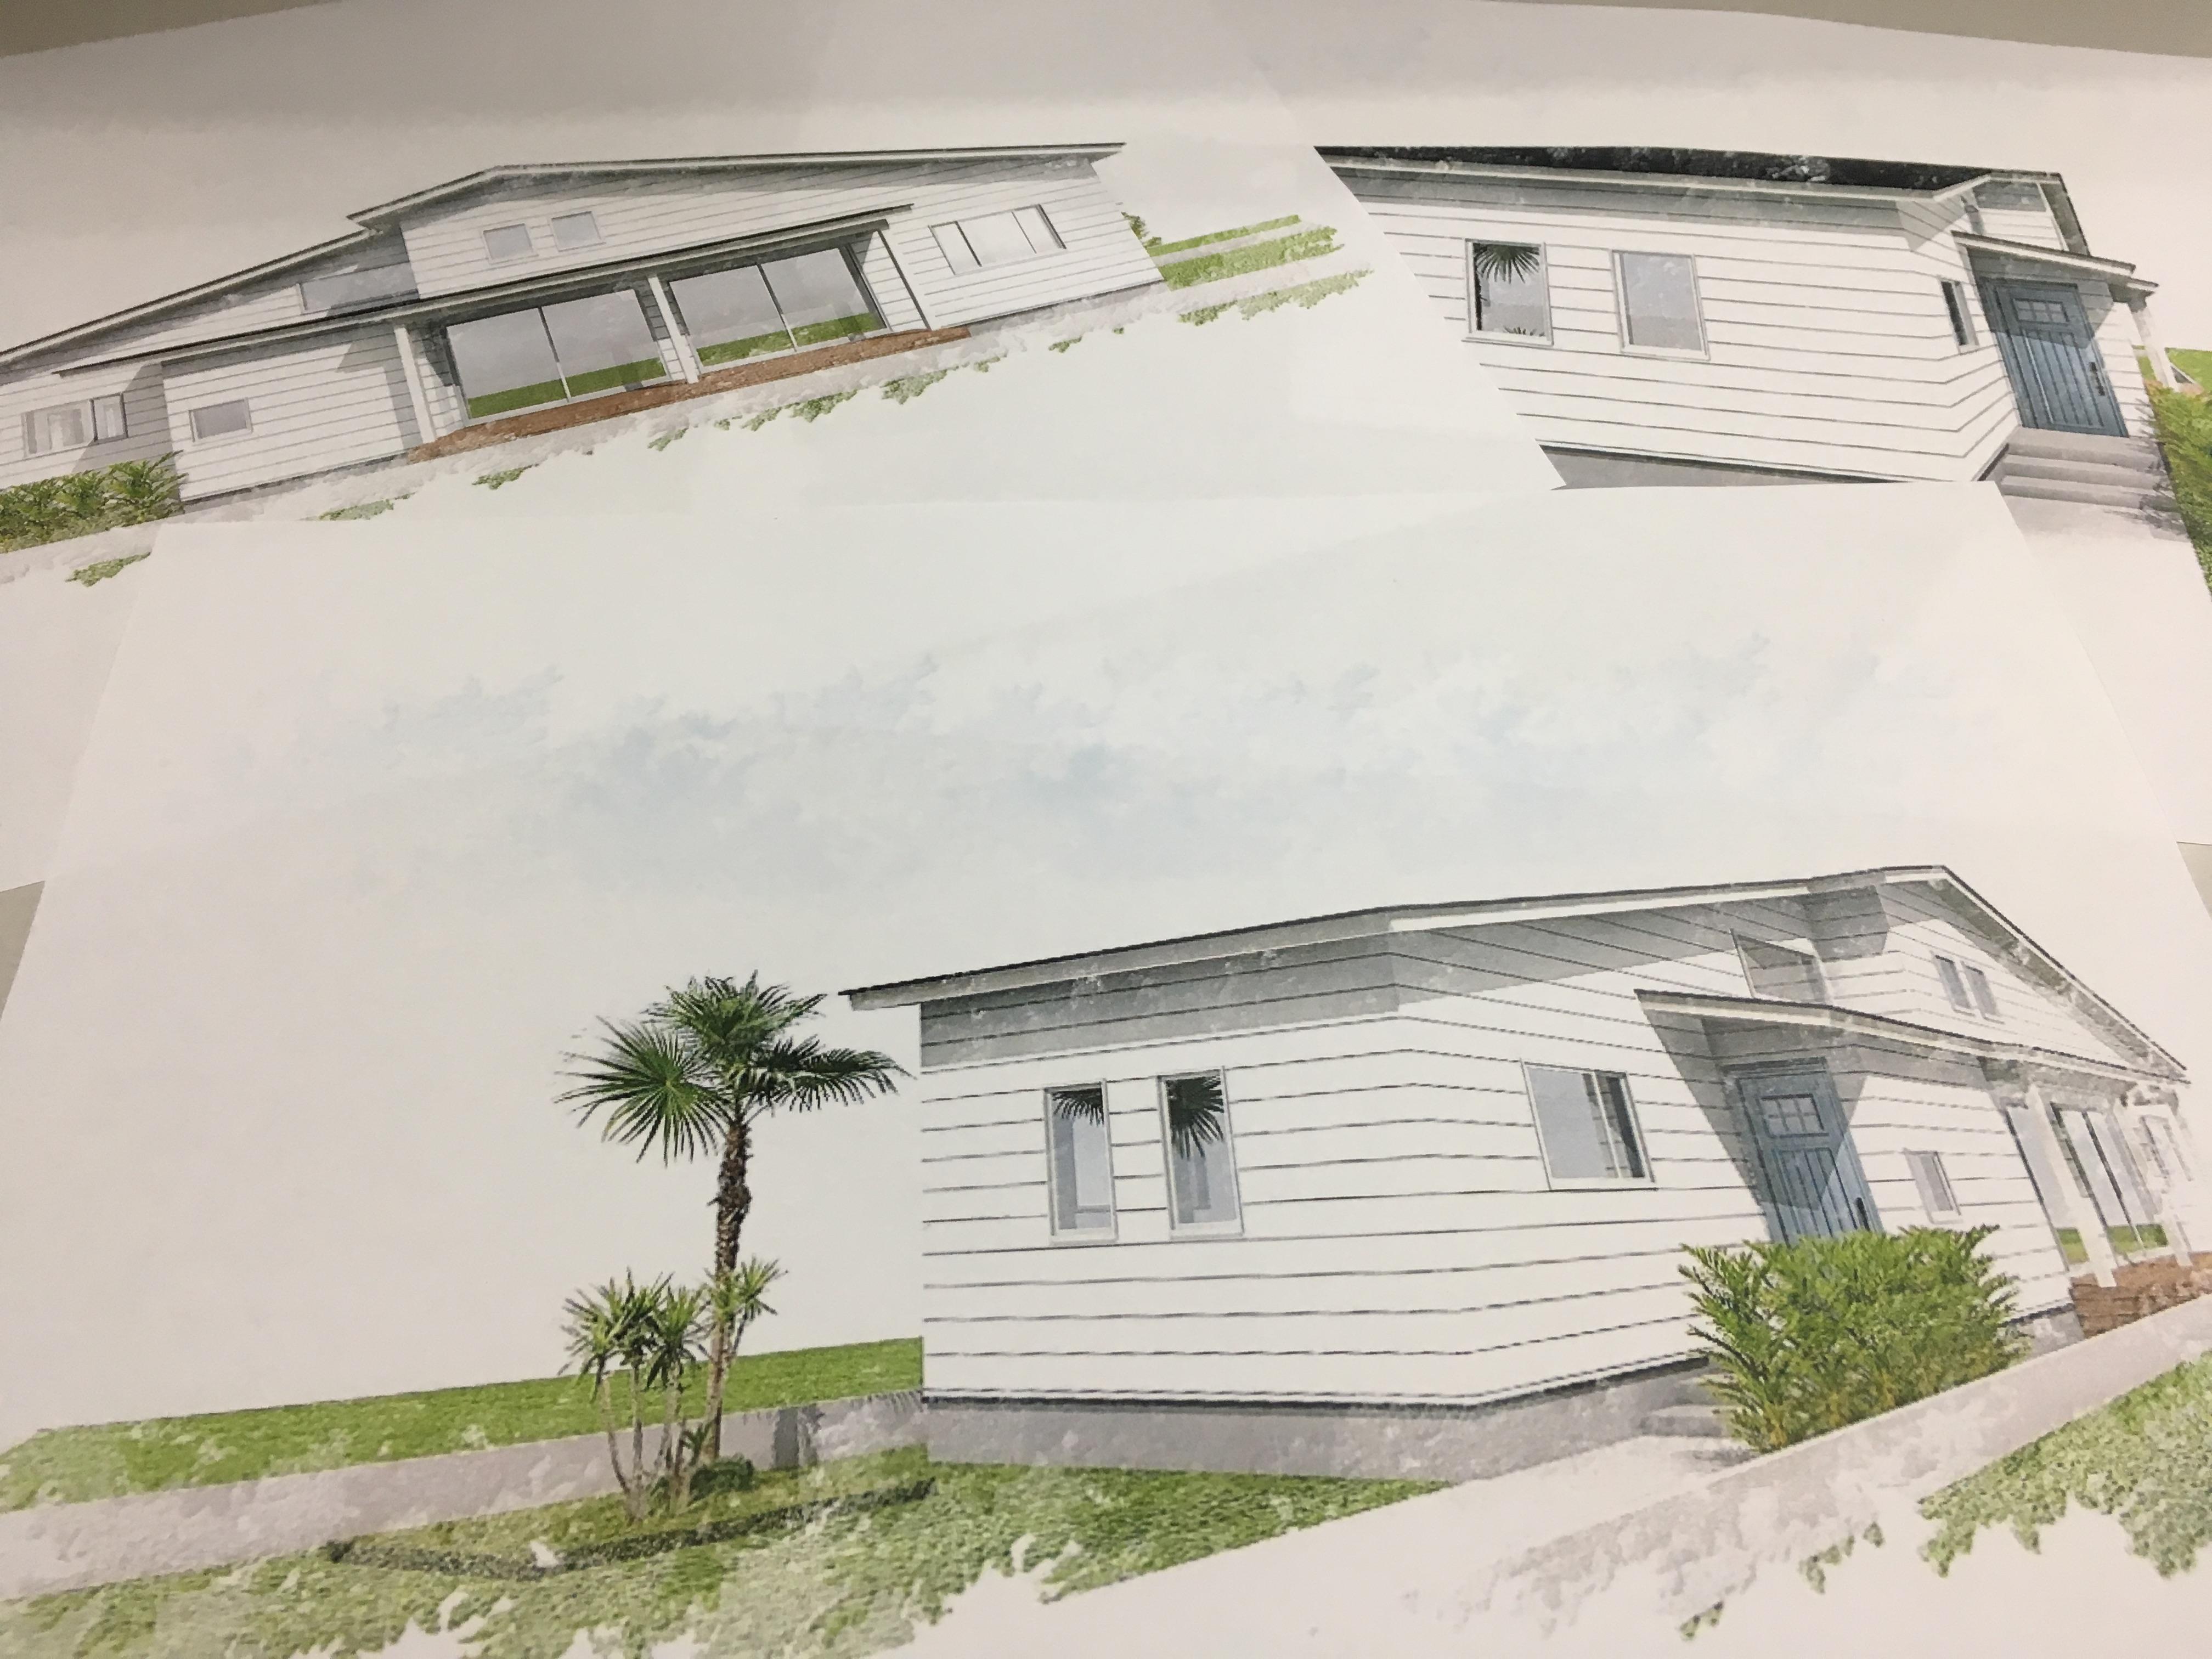 平屋アメリカン|石川県金沢市の注文住宅・デザイン性・新築の家・戸建て|E-HOUSE